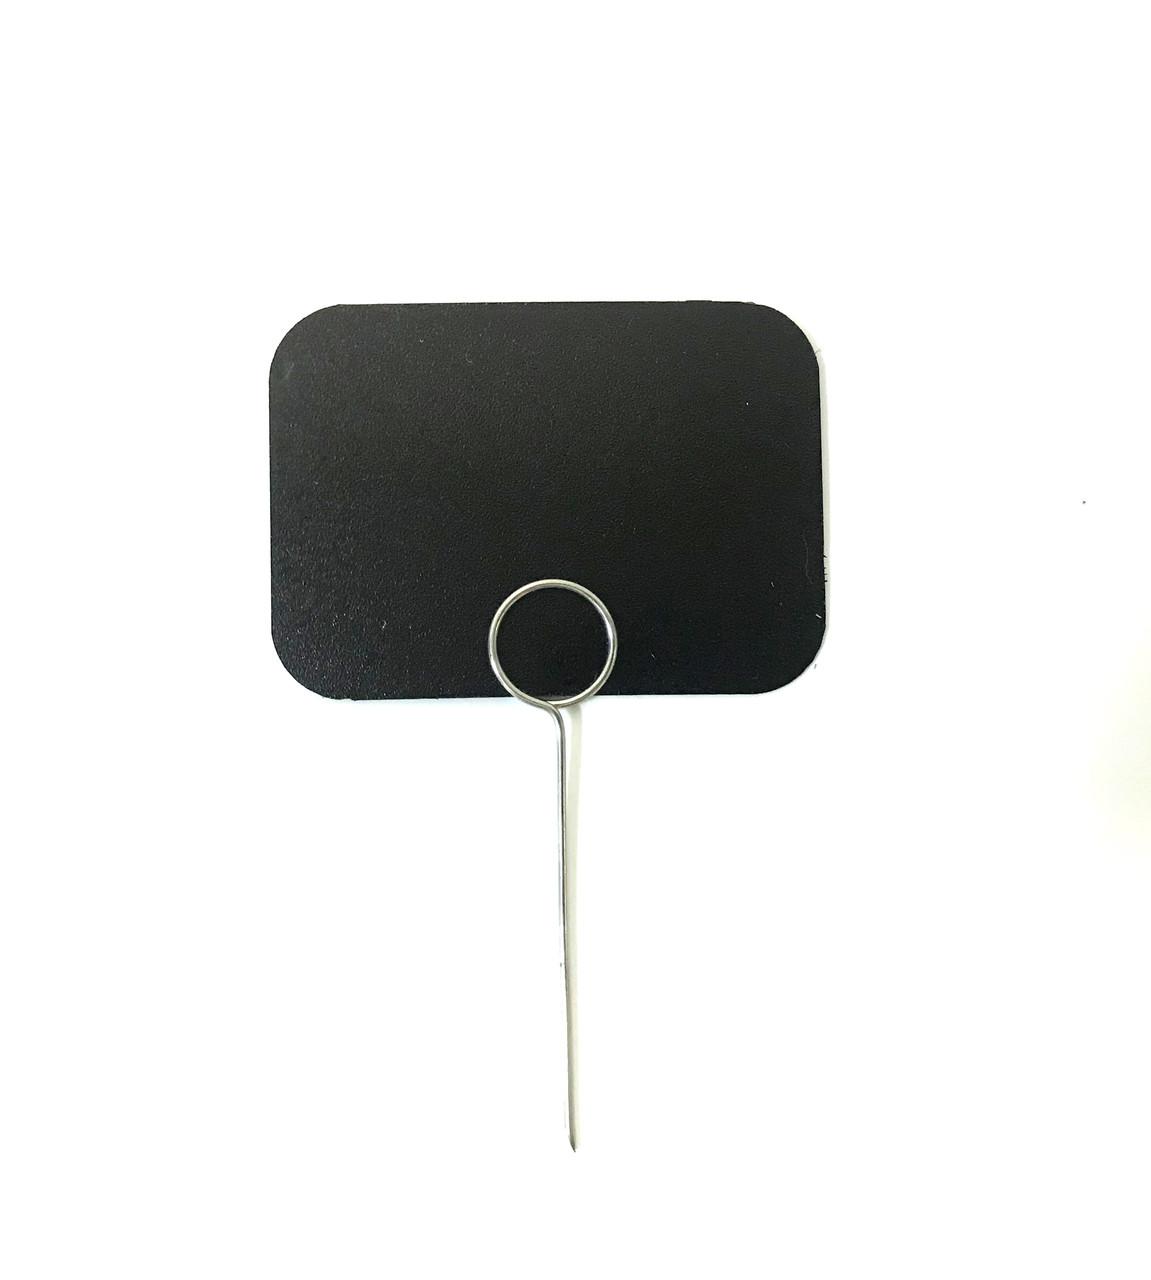 Ценник меловой пластиковый  угловой табличка прямоугольная